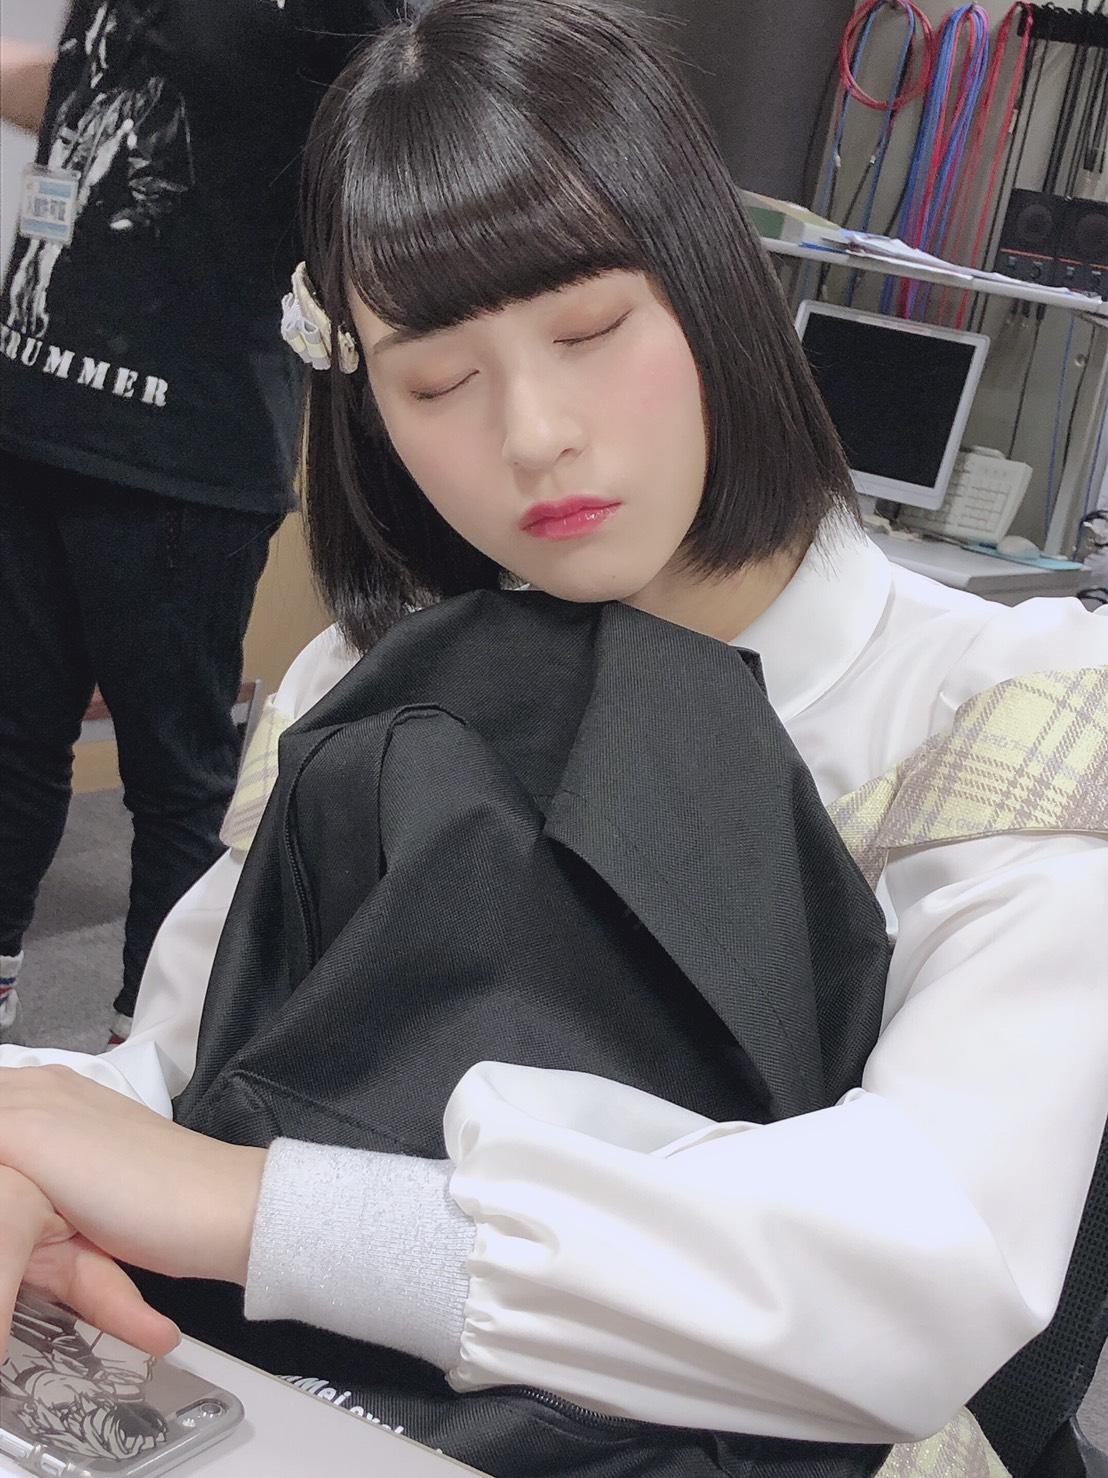 Tidur lagi. Cantiknya